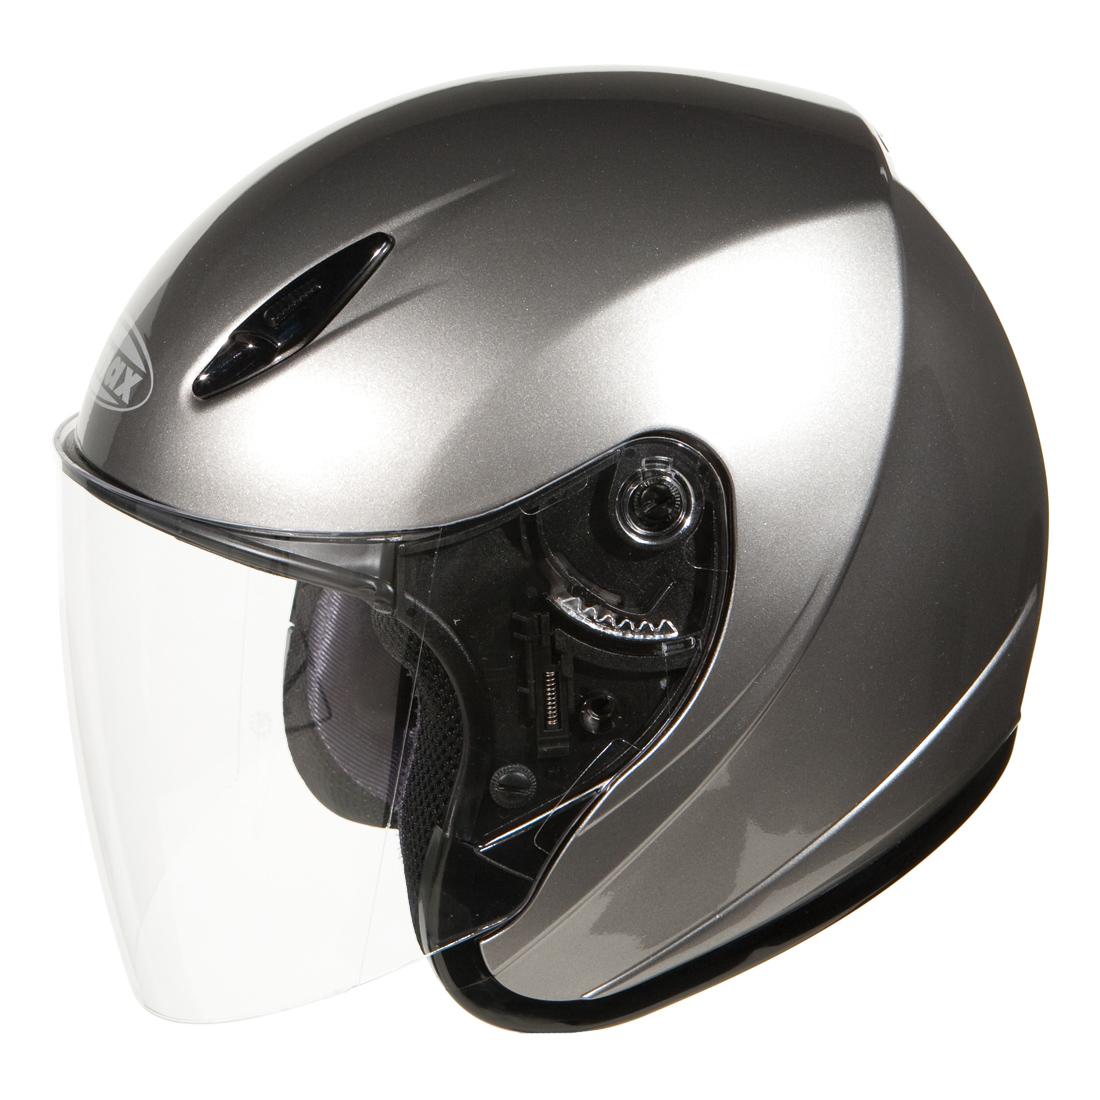 GMAX GM17 Titanium Open Face Helmet